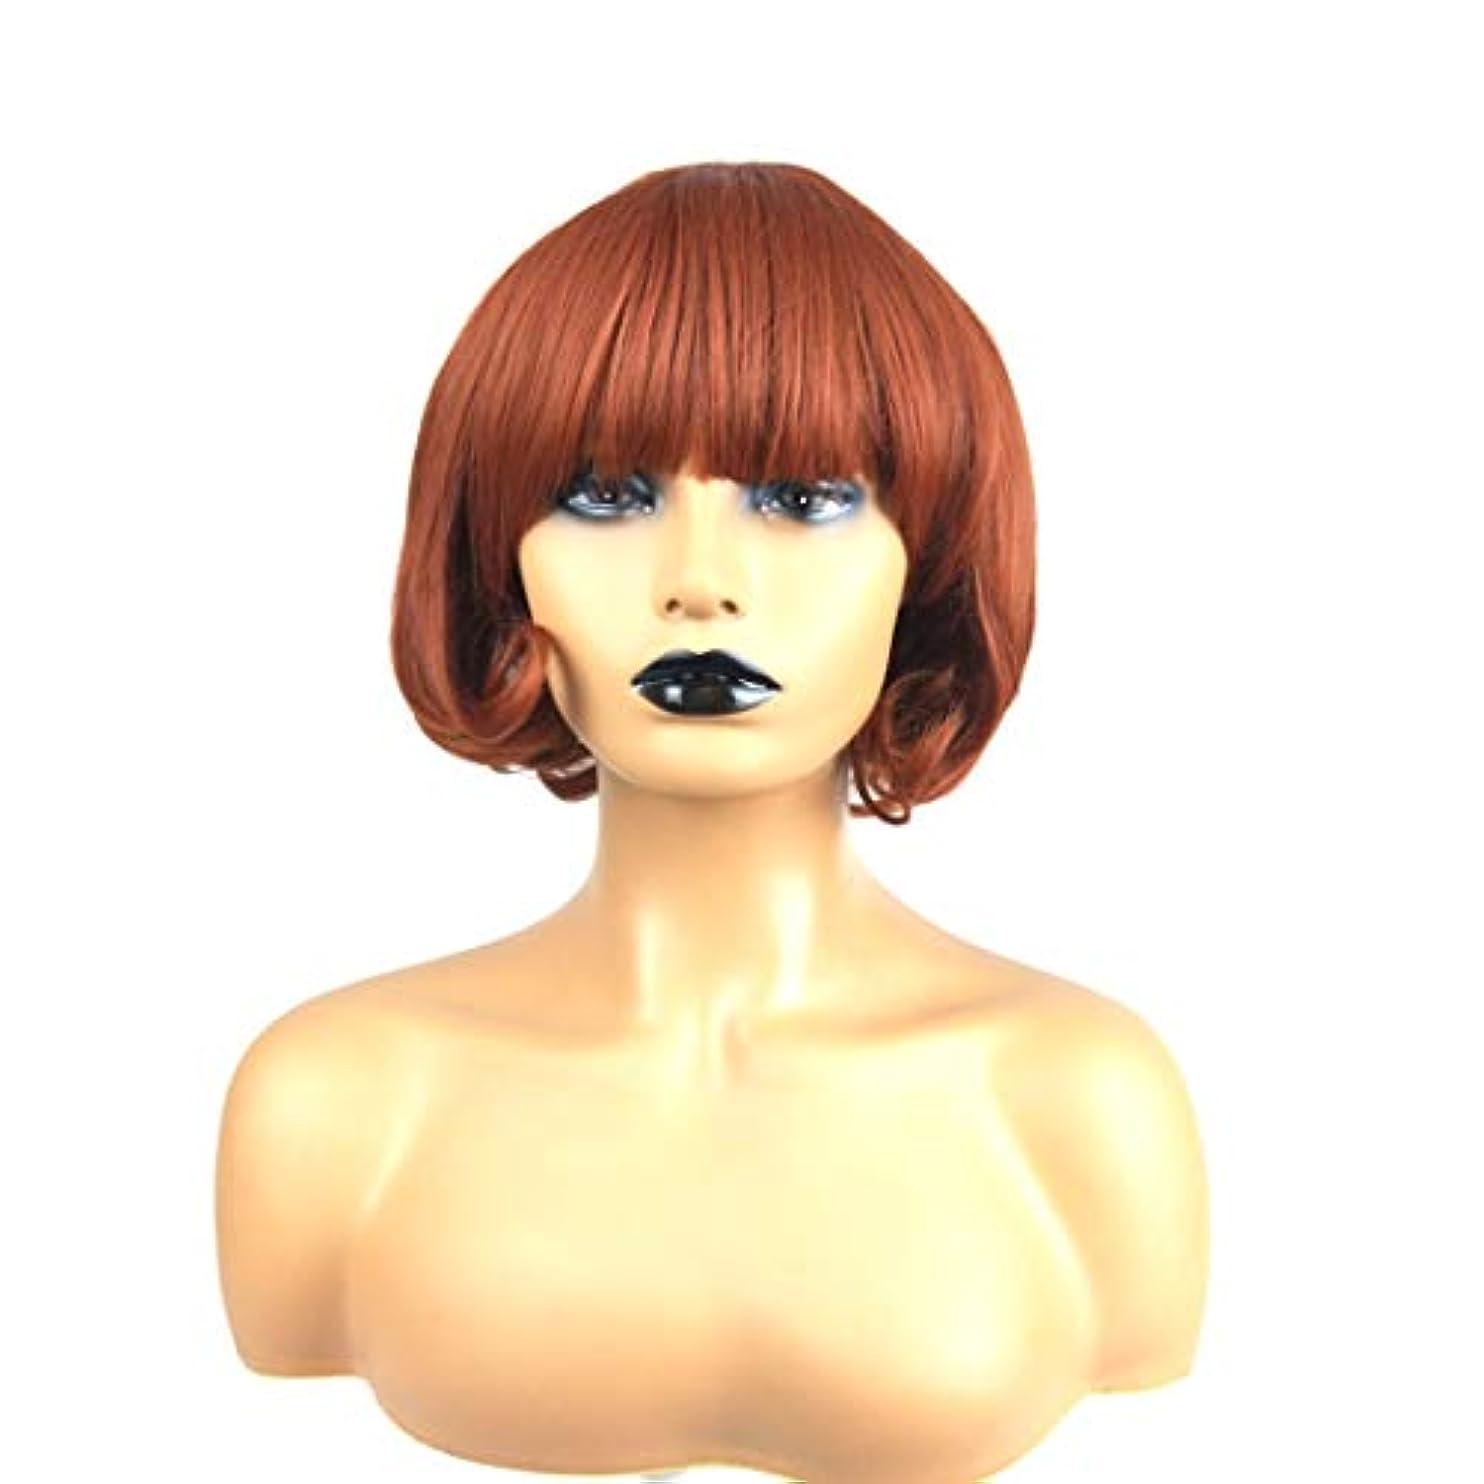 従者エール流暢Kerwinner 前髪とふわふわの化学繊維高温シルクウィッグヘッドギアと茶色の短い巻き毛のかつら